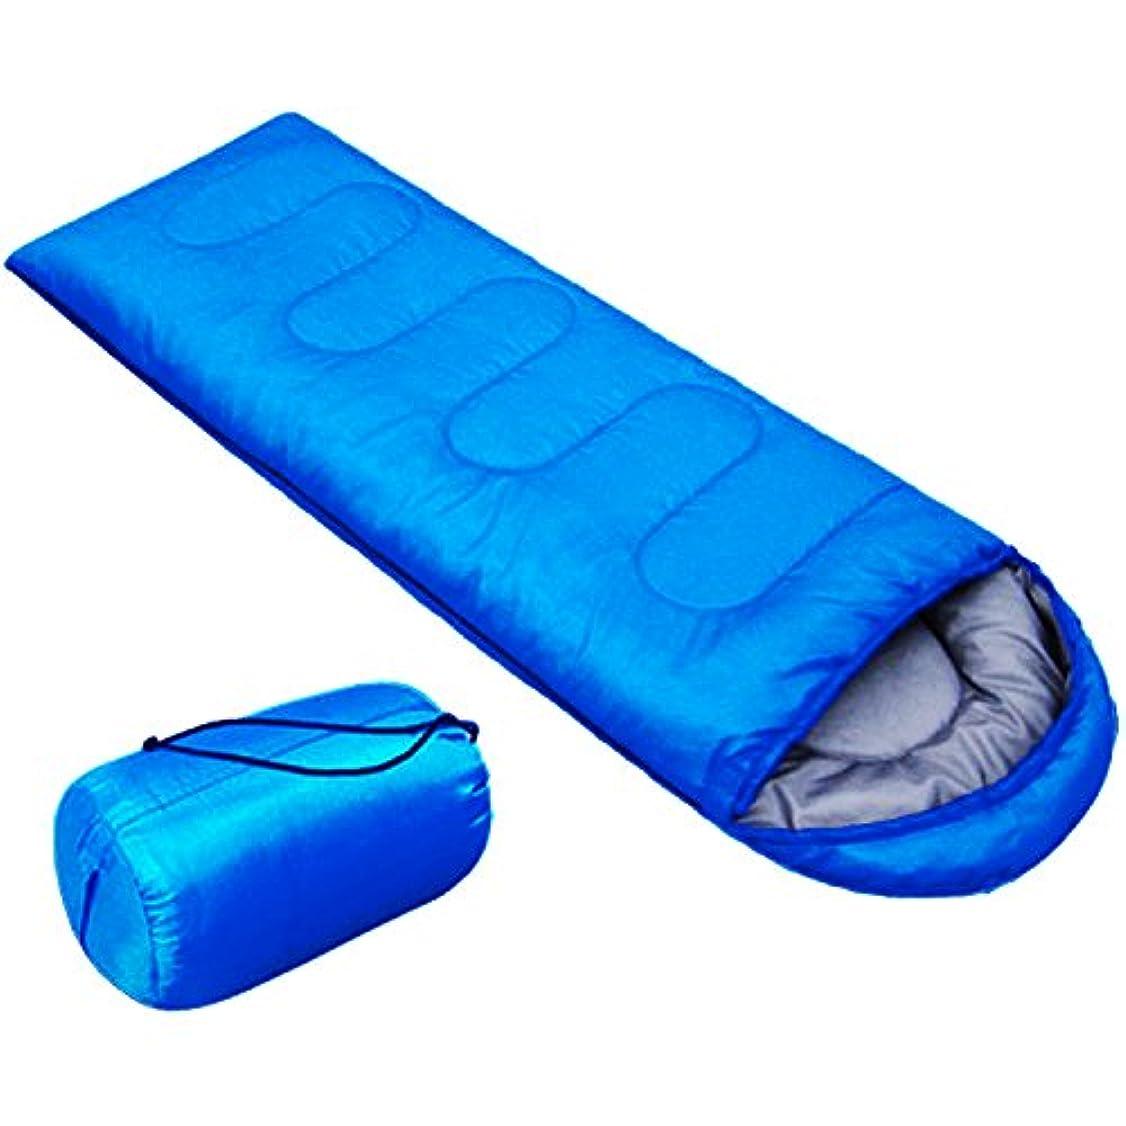 争うユーザーボアABBRA 寝袋 シュラフ 封筒型 丸洗いOK コンパクト 軽量 防水 15℃~5℃ 収納袋付き 夏用 アウトドア キャンプ 車中泊 避難用 青